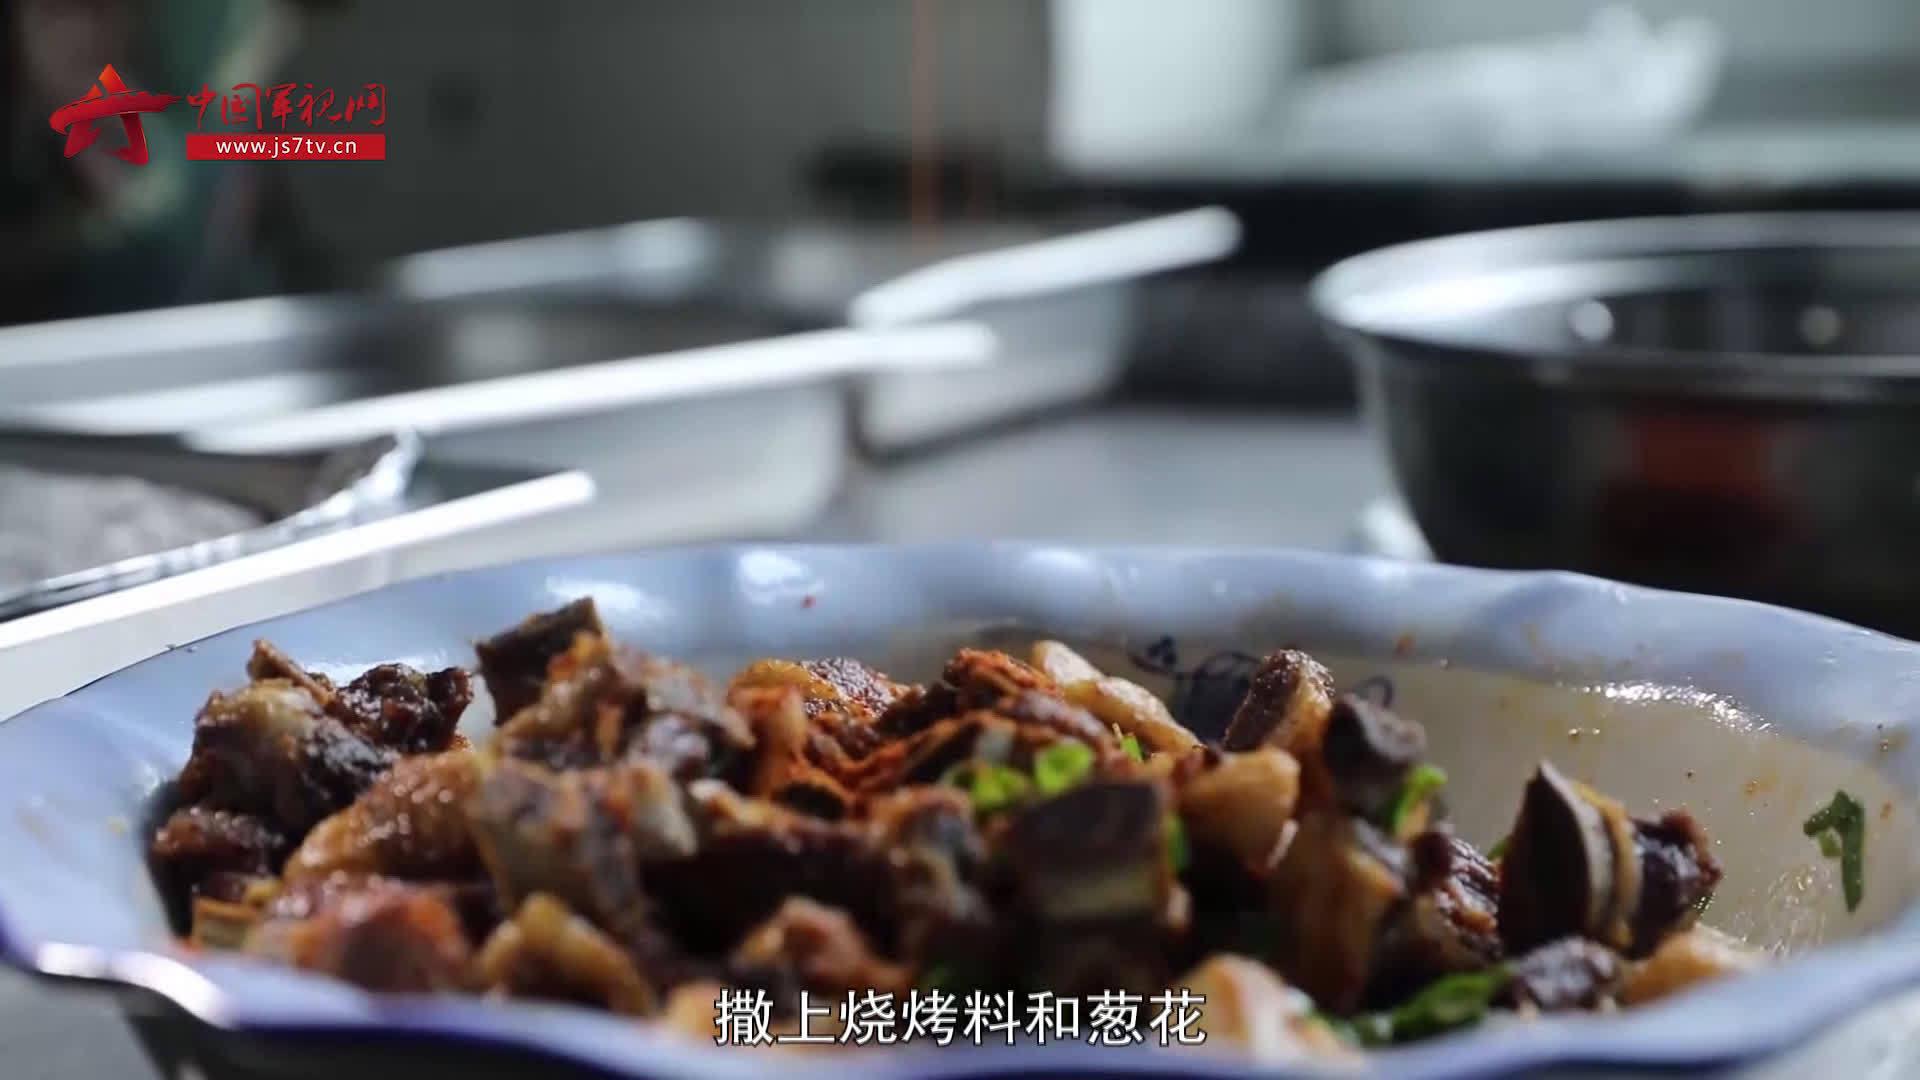 今天炊事班的菜够硬——葱爆羊排